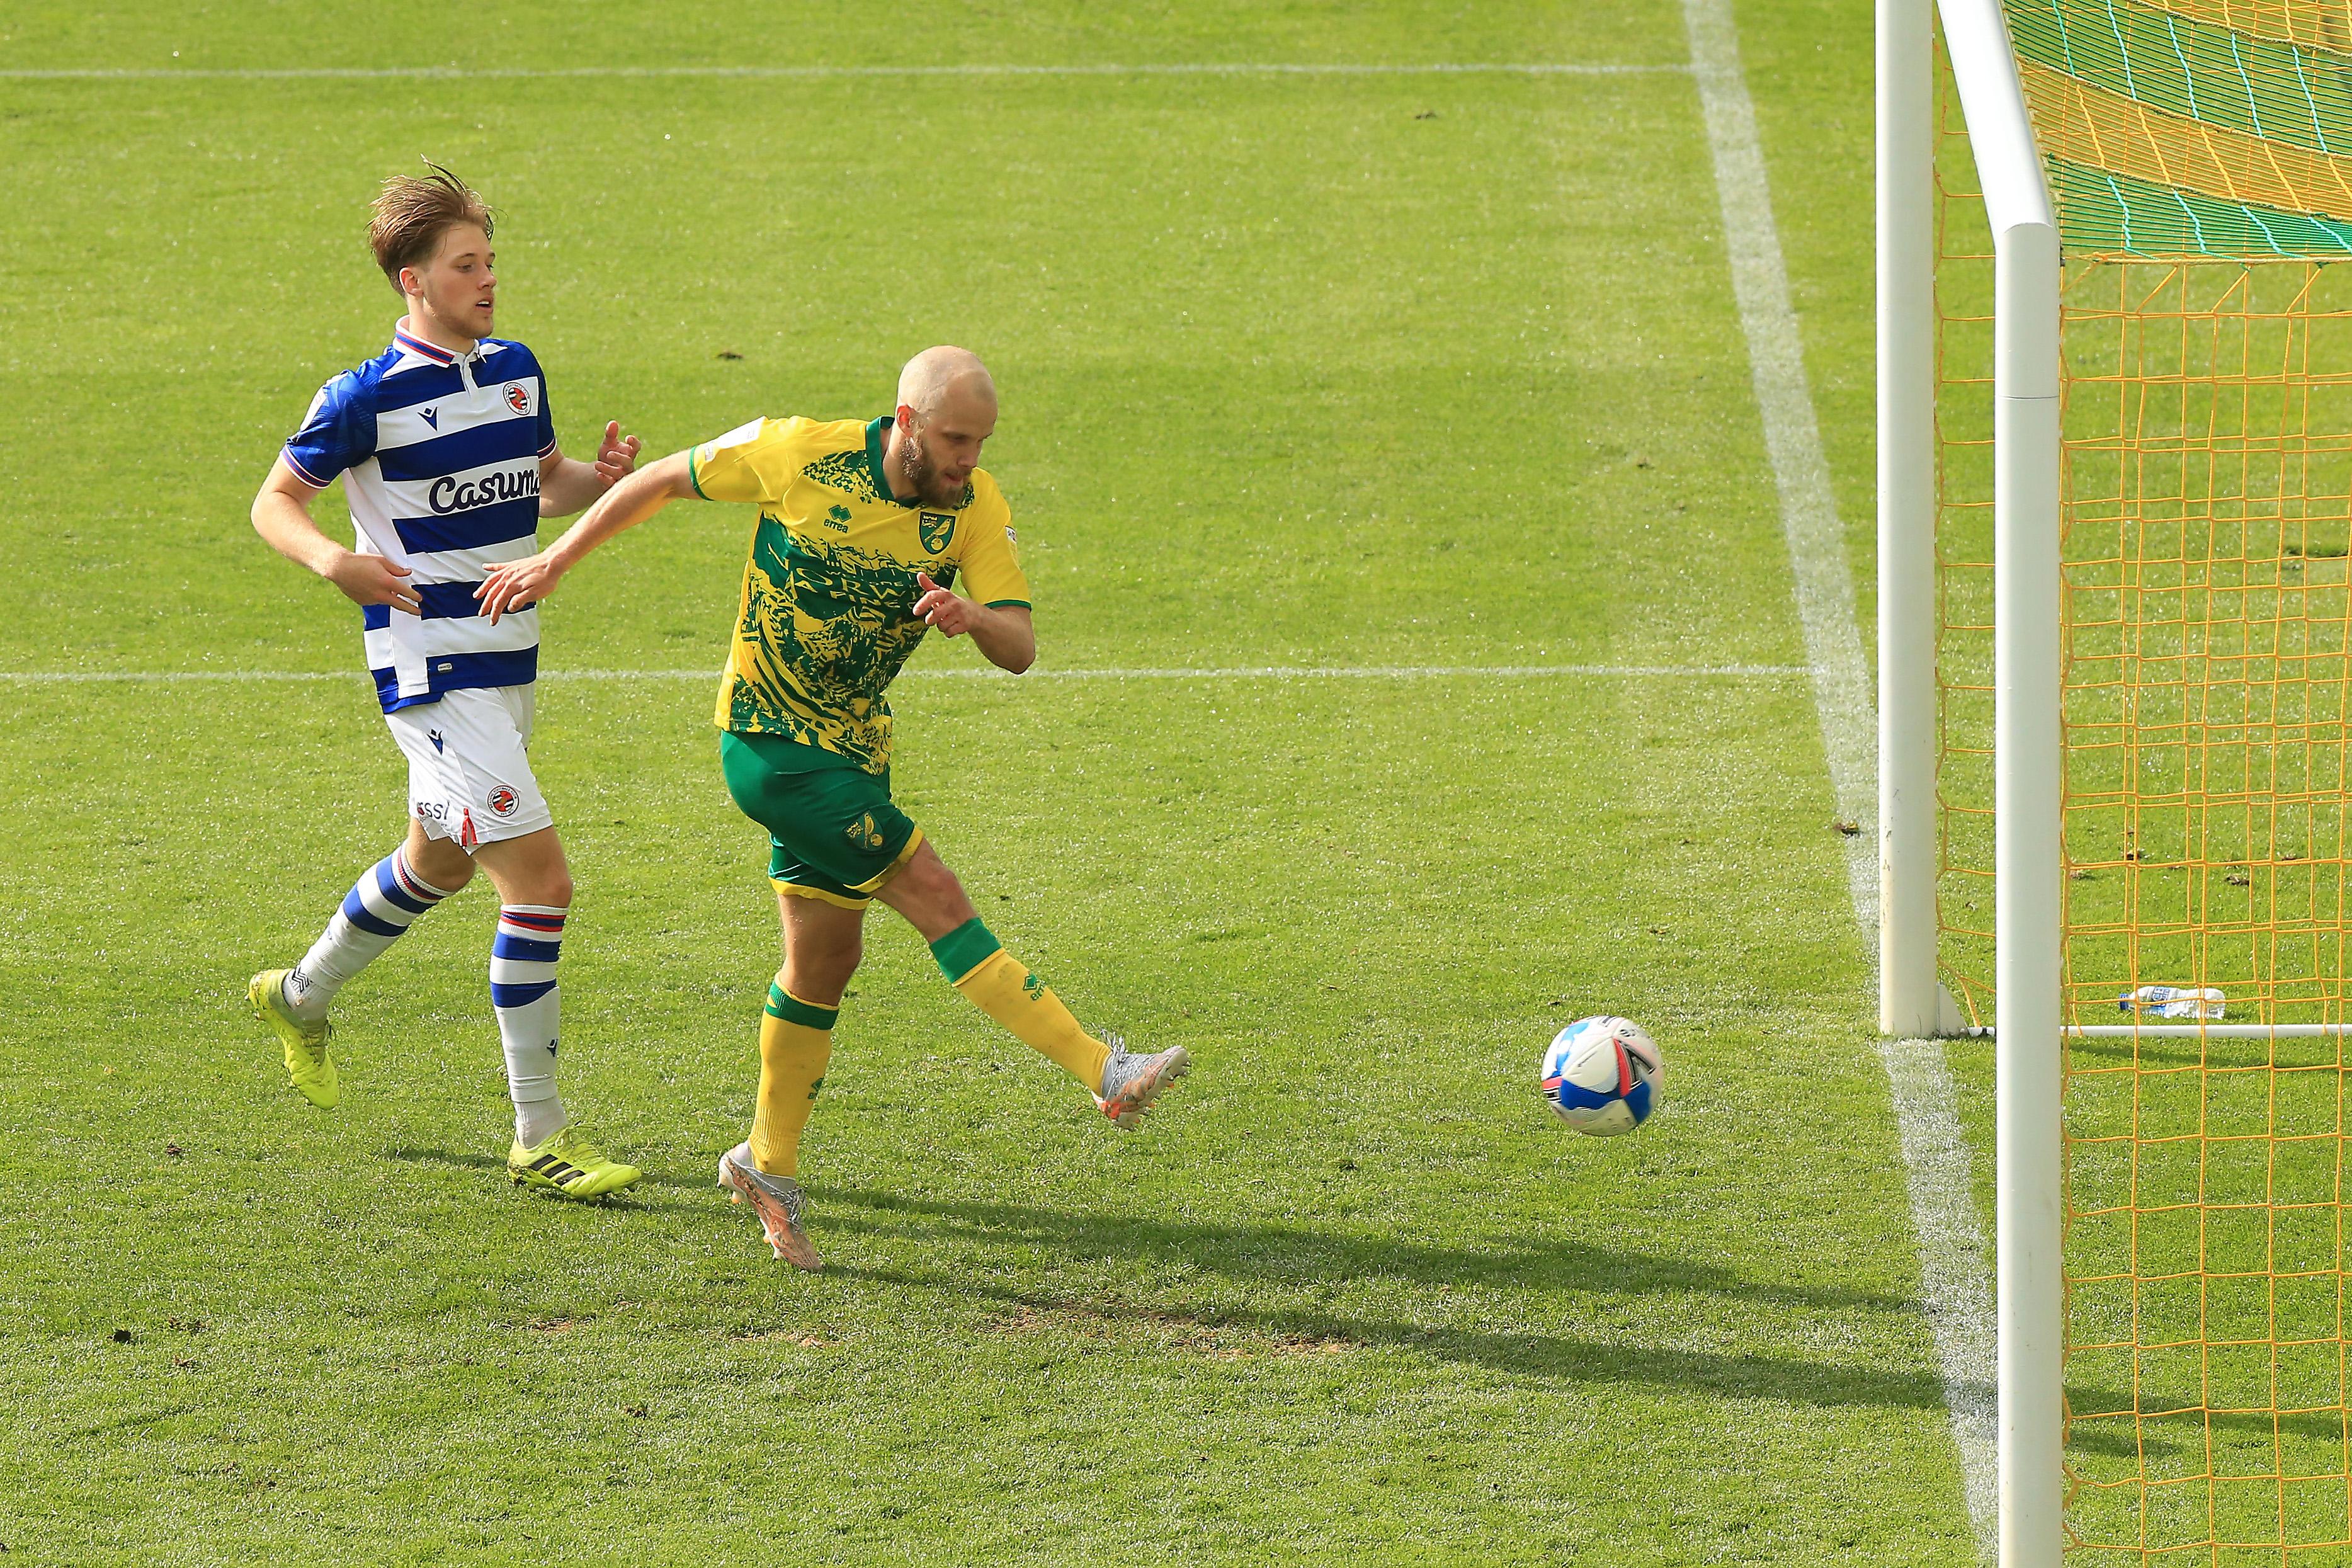 Norwich City v Reading - Sky Bet Championship